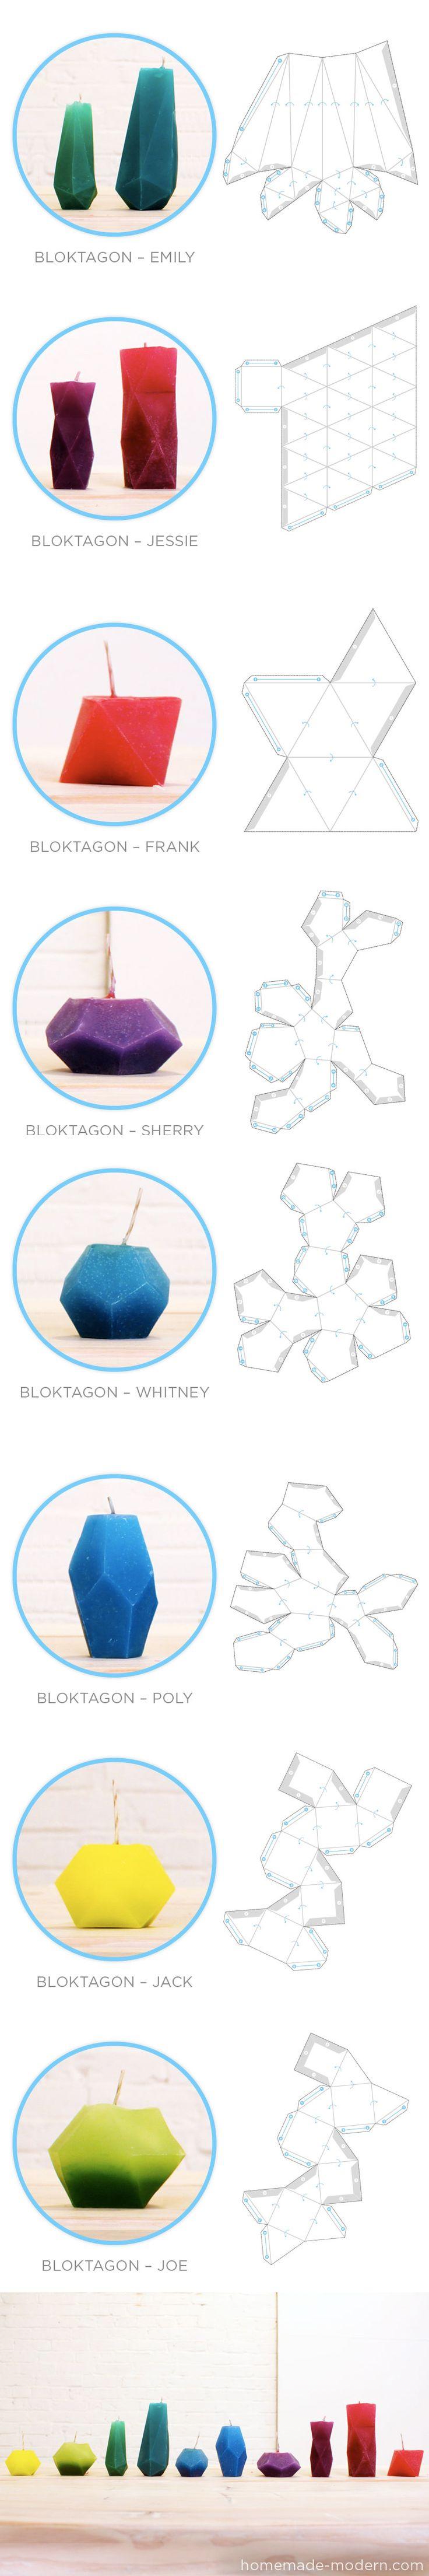 Bloktagons, unos originales moldes para crear velas y floreros / via homemade-modern